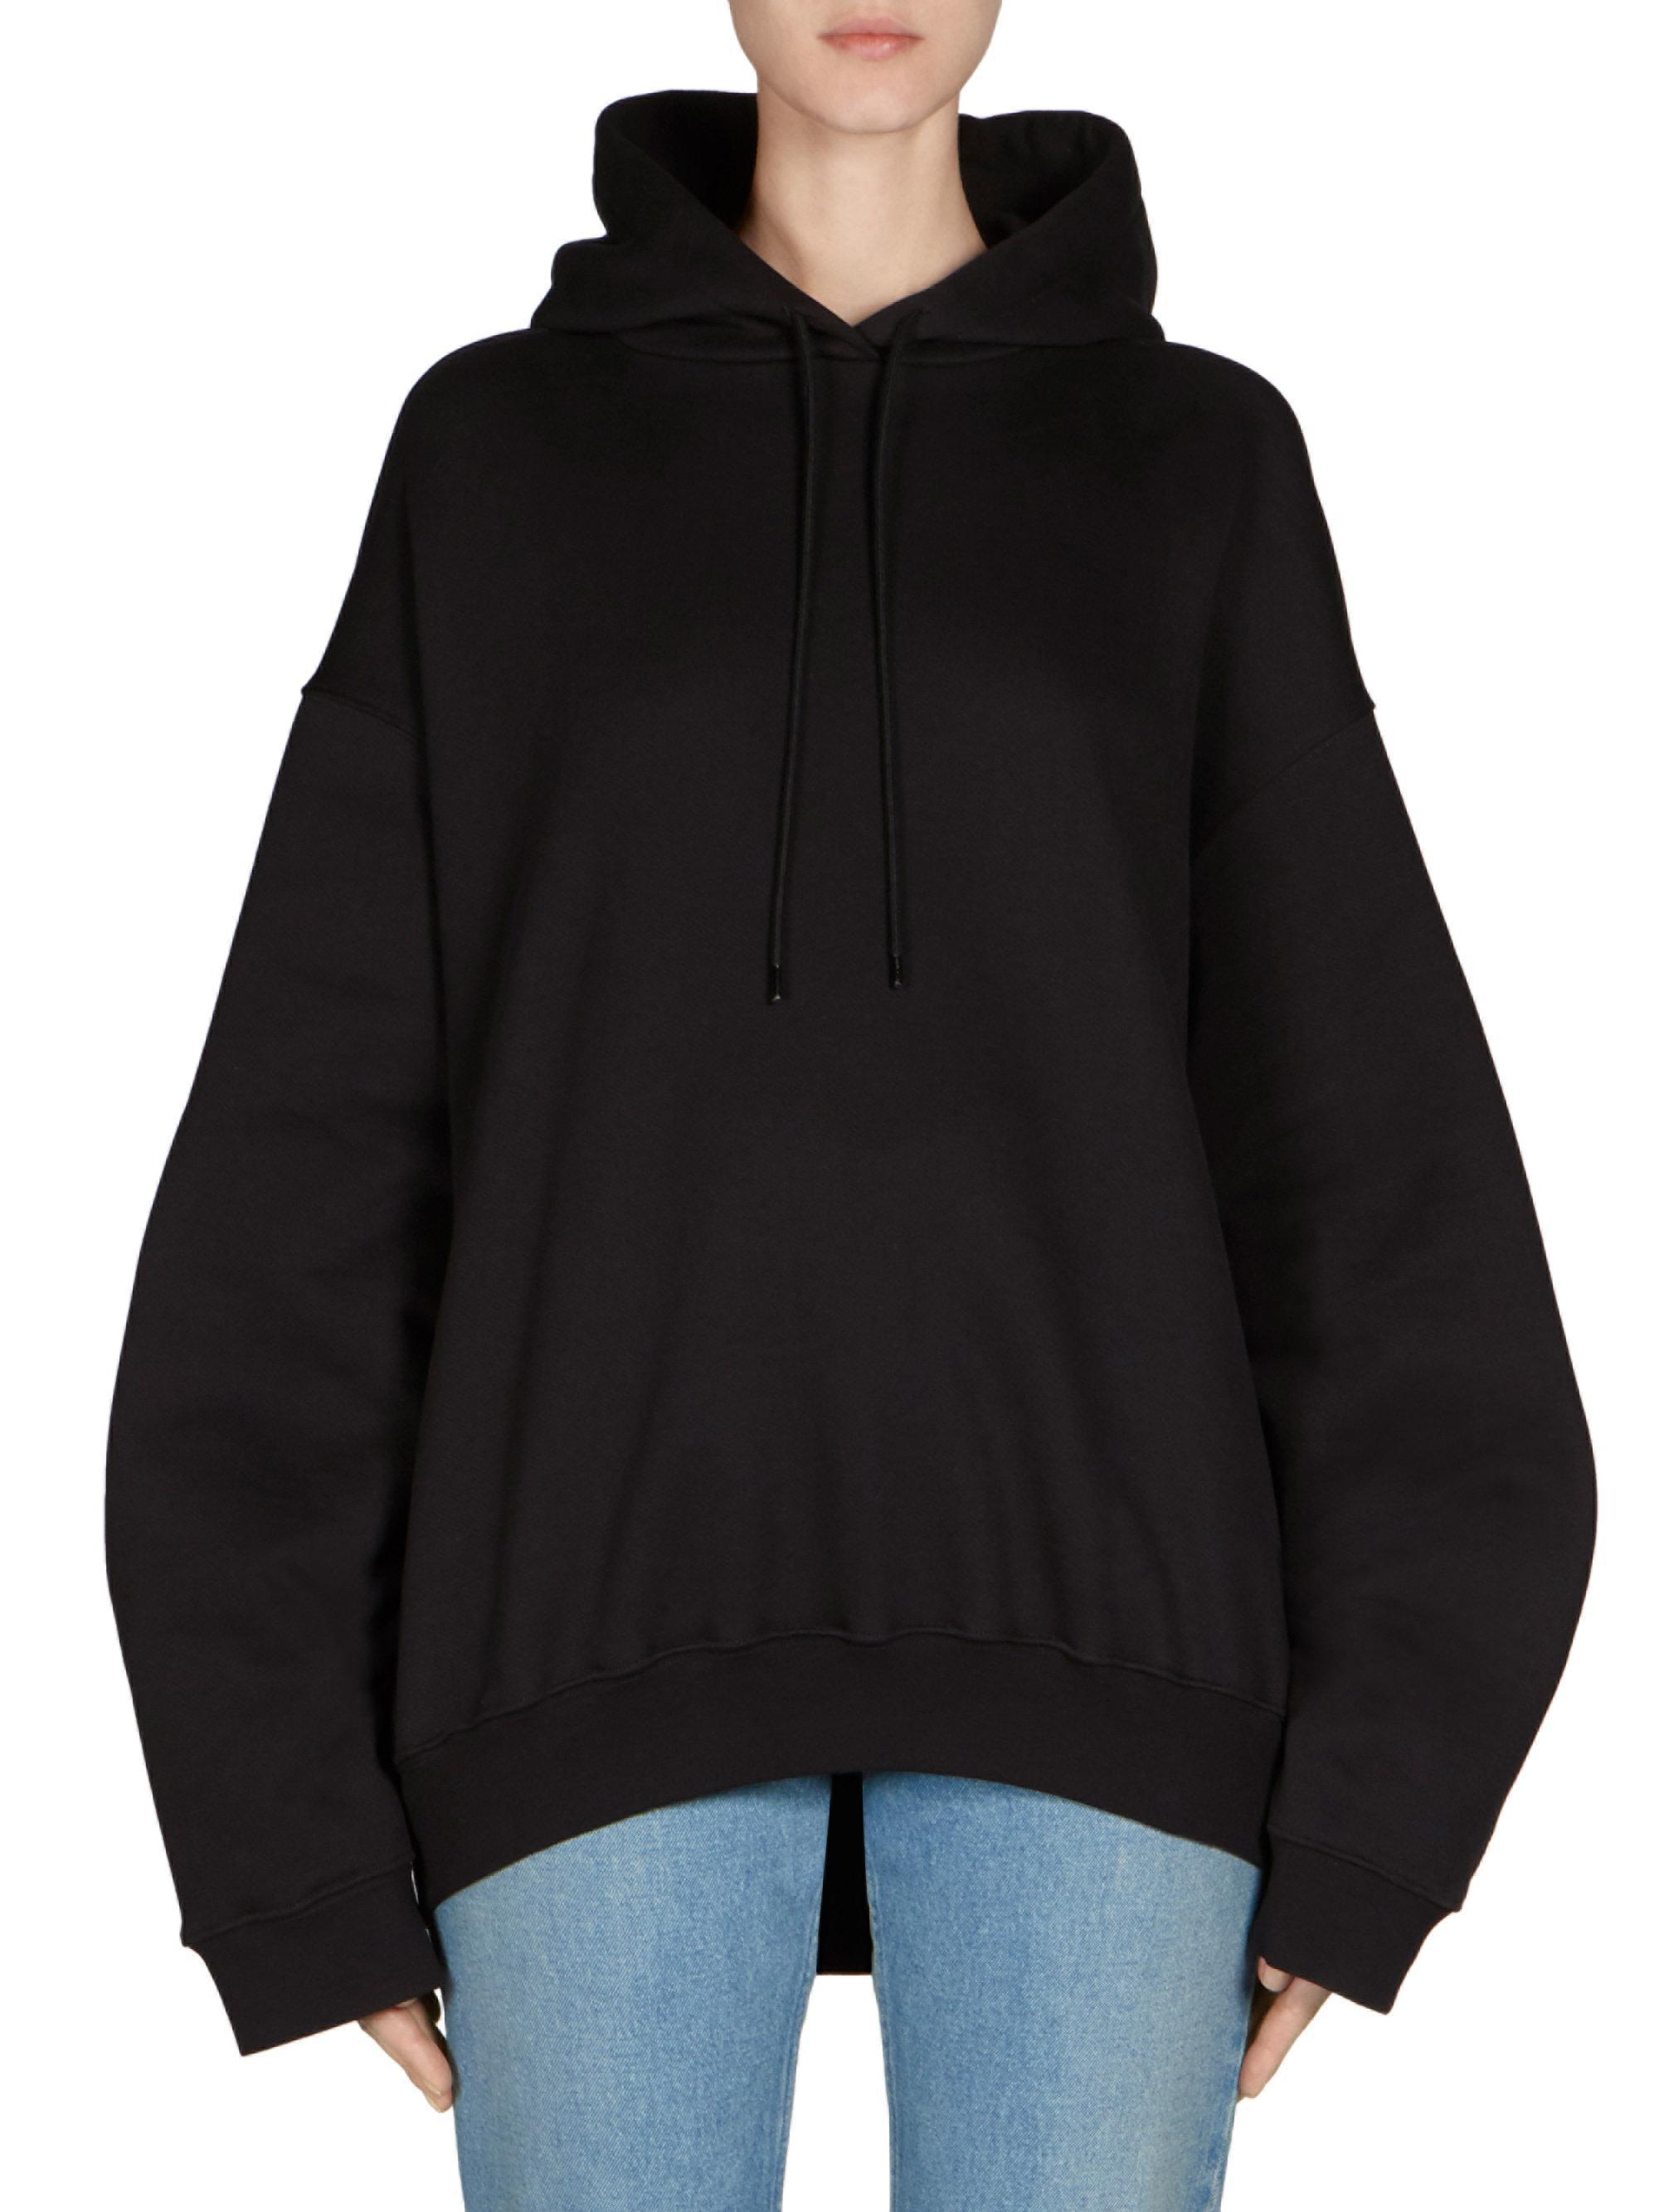 back of hoodie